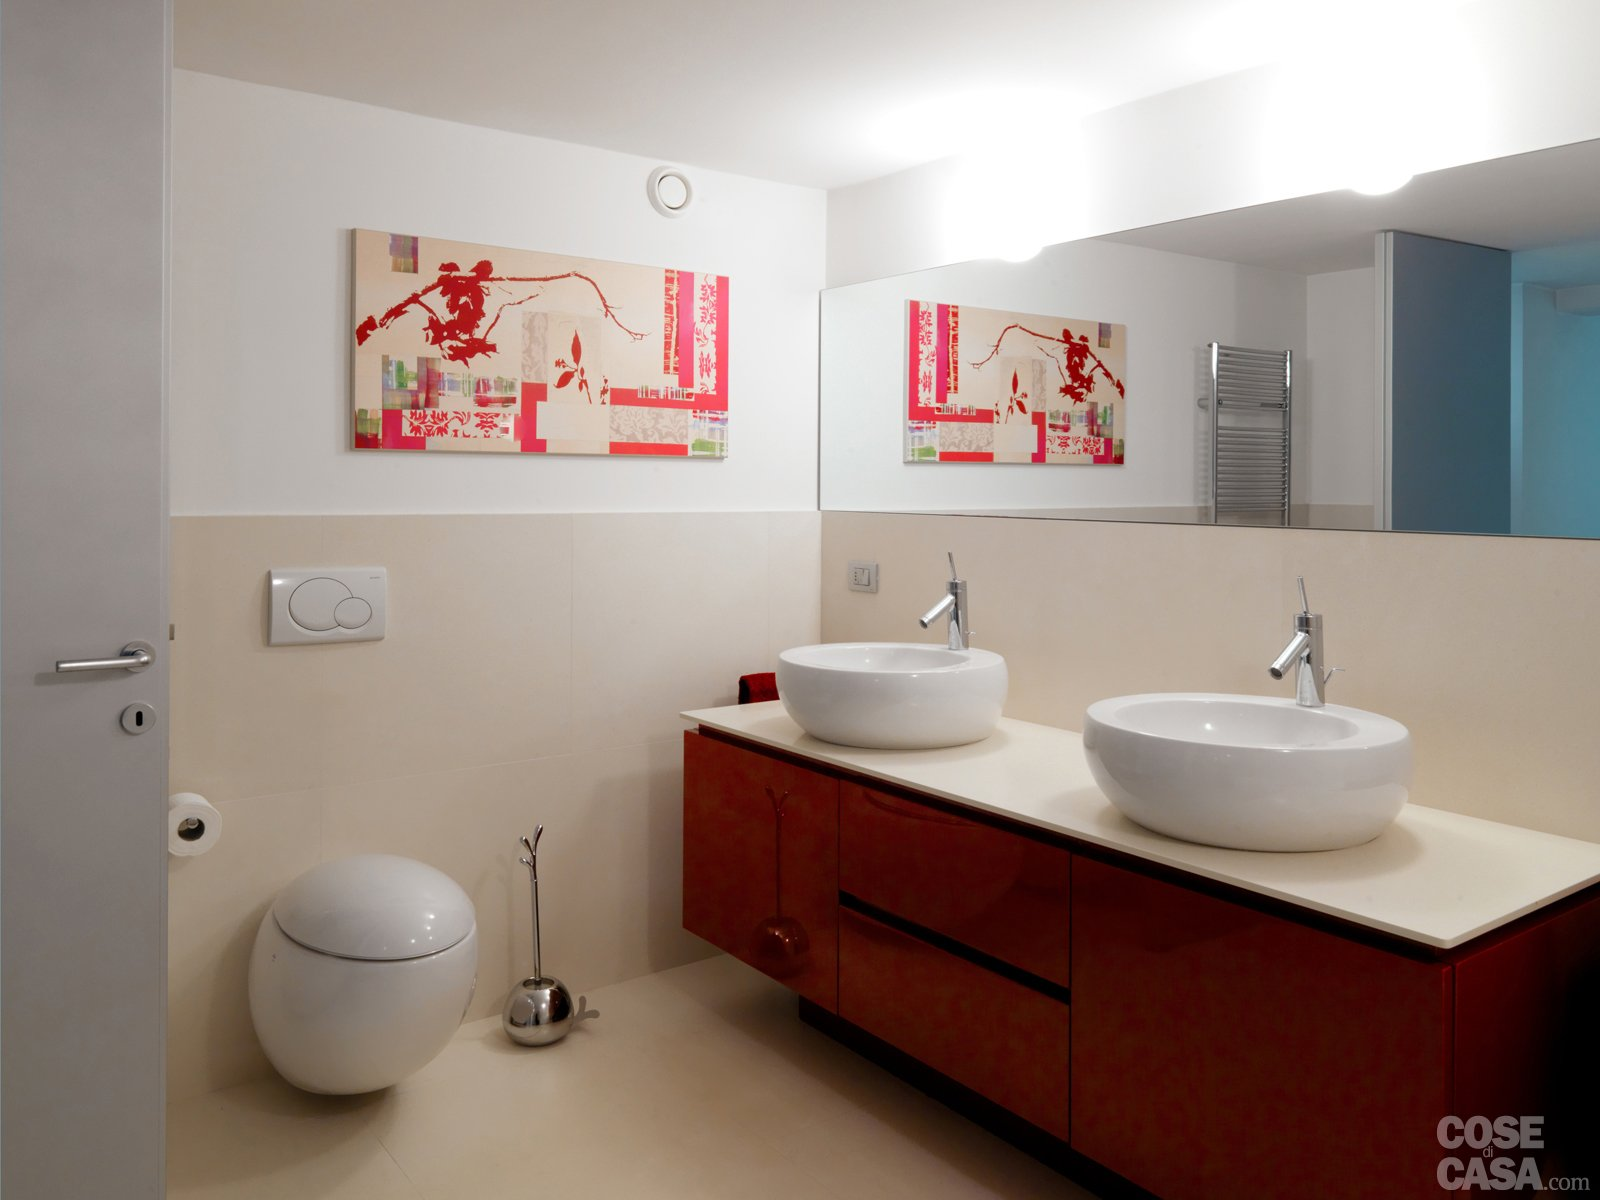 Una casa su due piani da un ex garage   Cose di Casa -> Artemide Lampadari Bagno